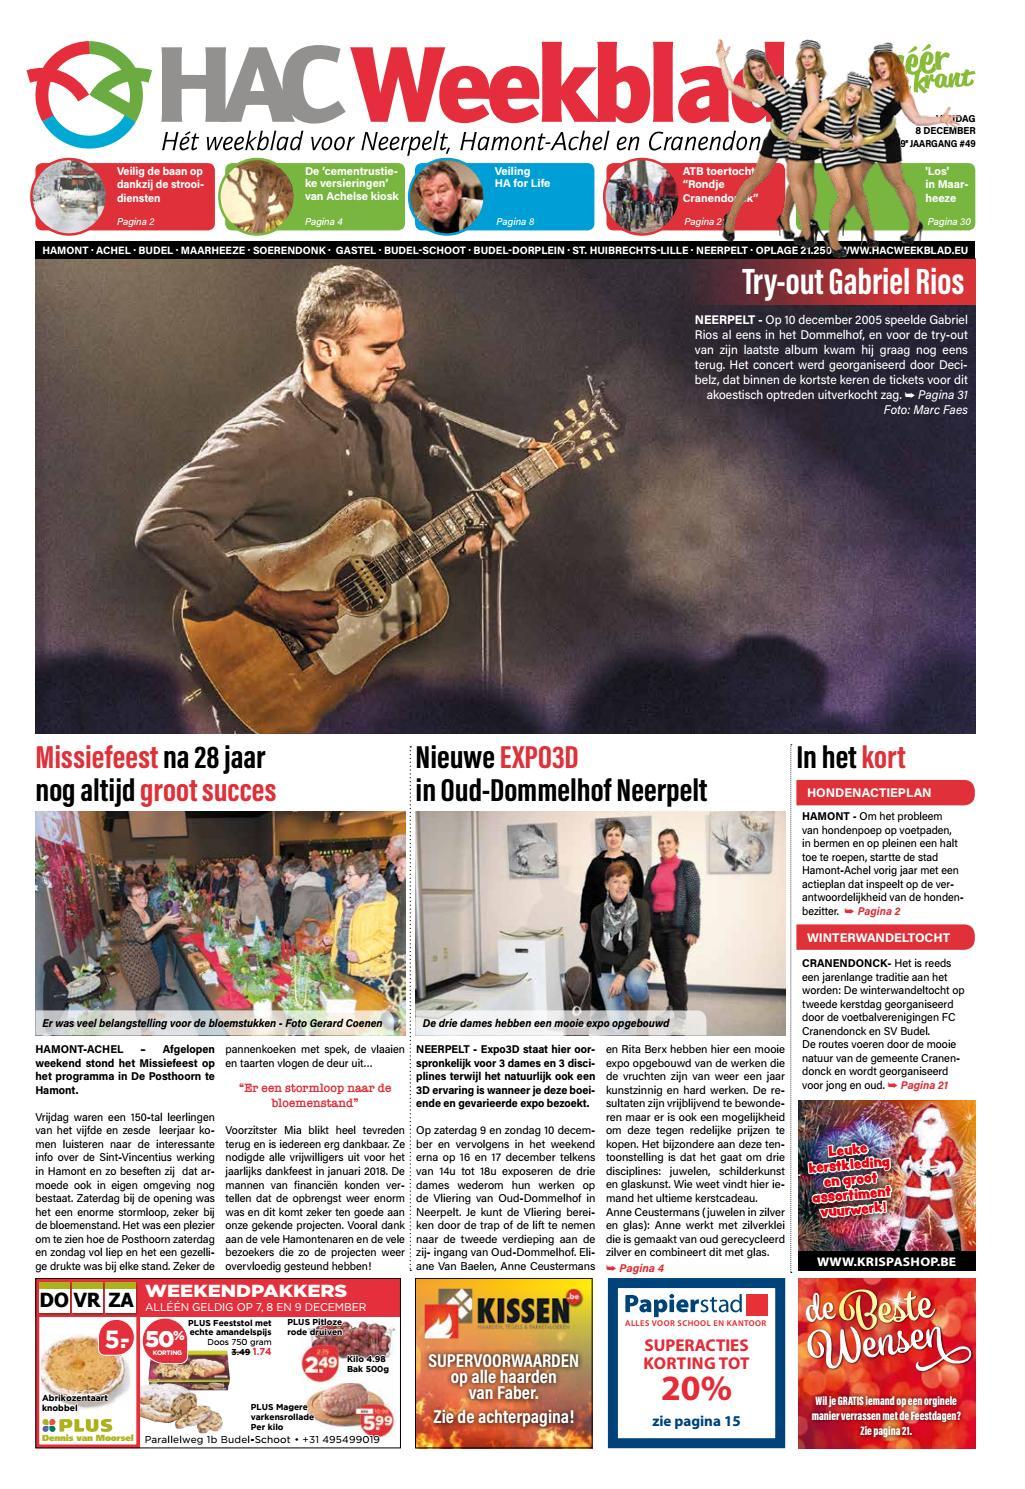 HAC Neerpelt week 49 2017 by HAC Weekblad - issuu a348cff519